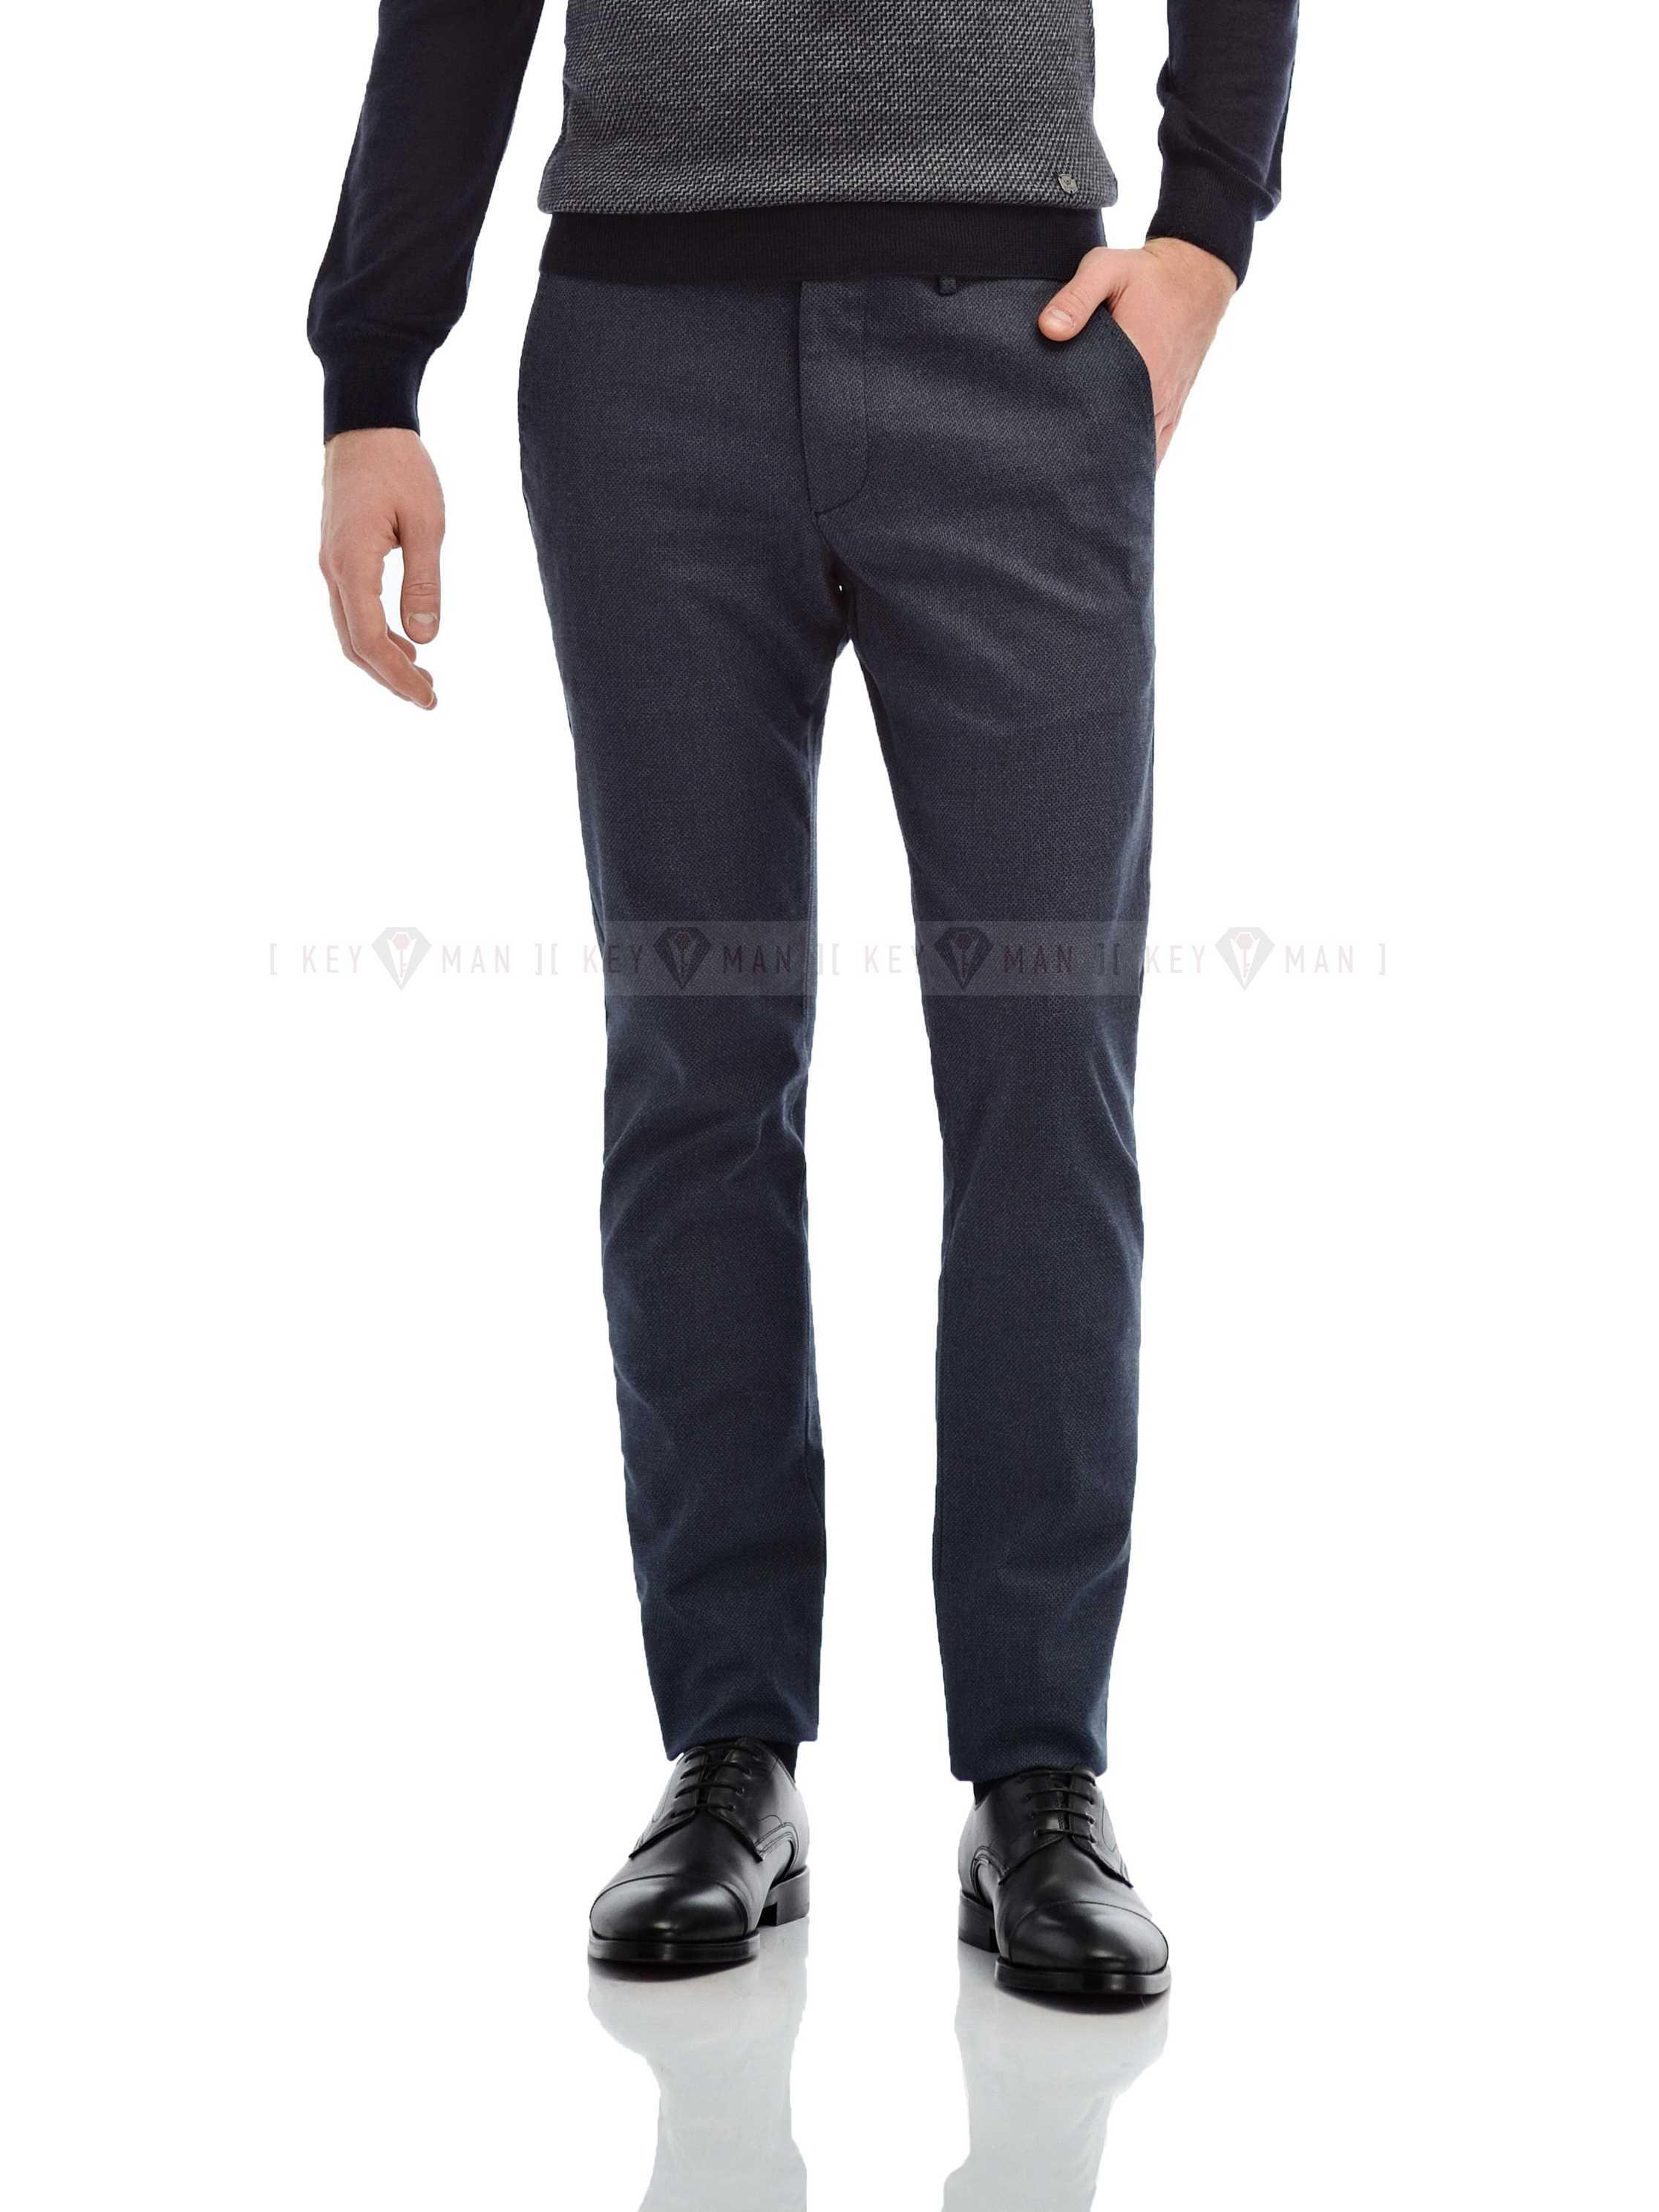 Брюки мужские чинос сине-серые фактурные